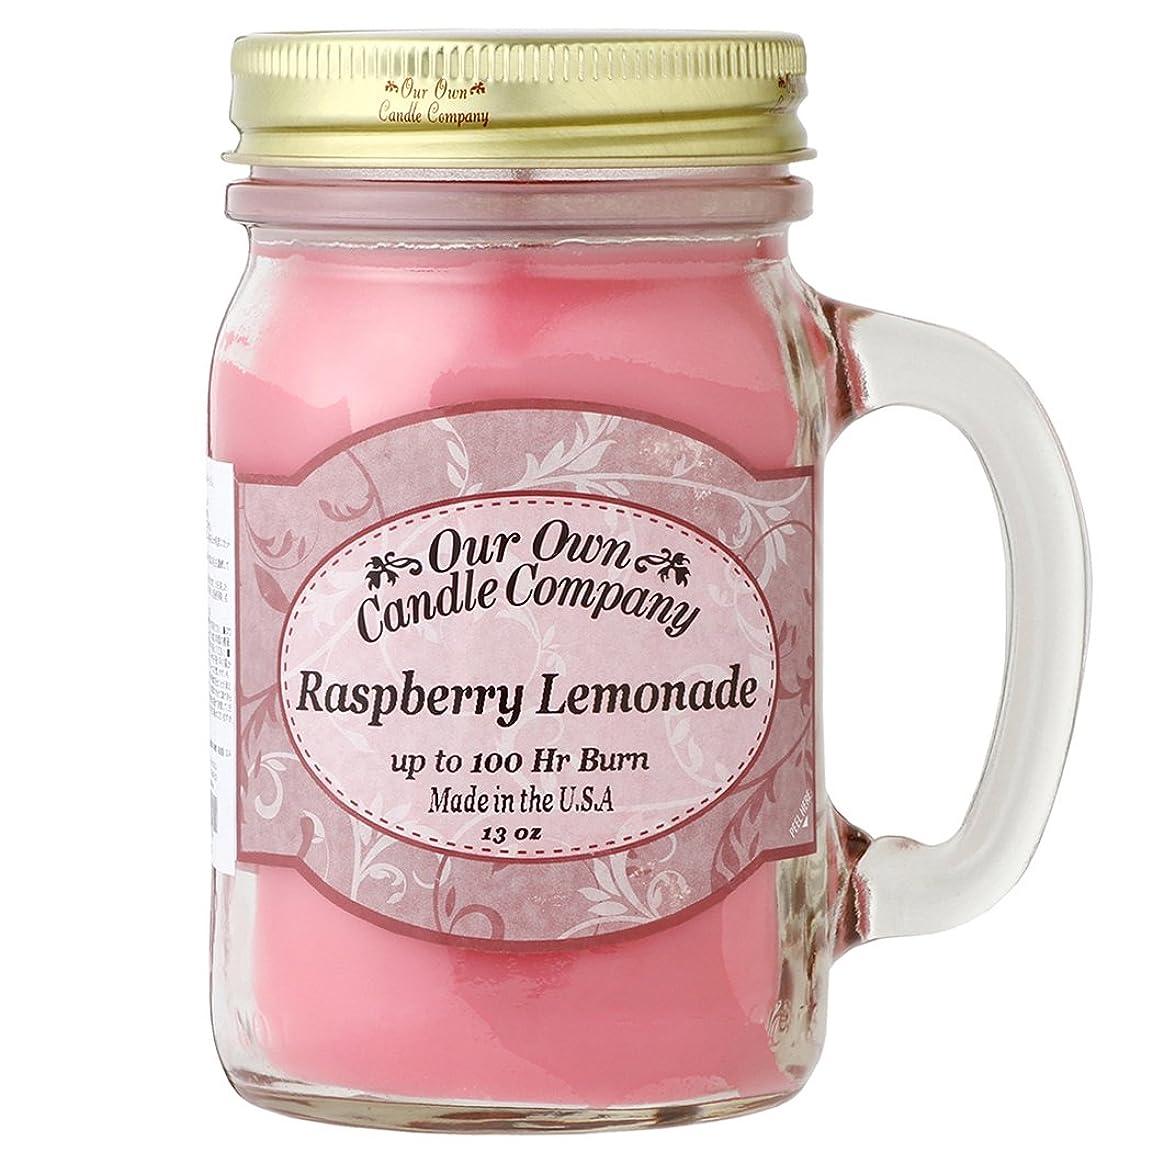 真面目な生き残ります茎Our Own Candle Company メイソンジャーキャンドル ラージサイズ ラズベリーレモネード OU100096